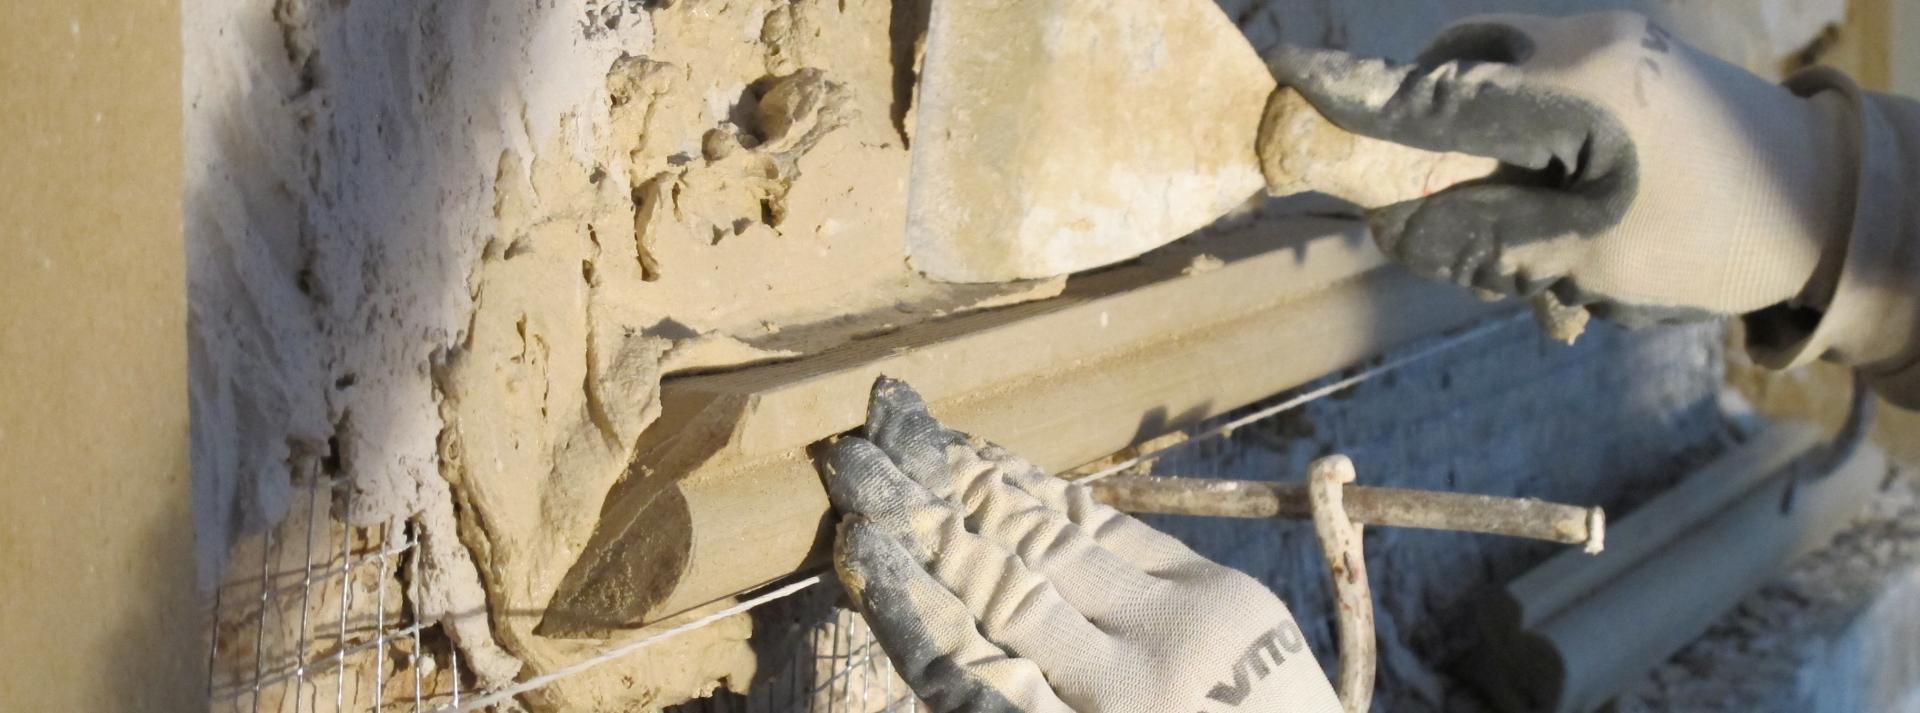 Formation de l'École de Chaillot  L'usage du plâtre dans le bâti ancien  